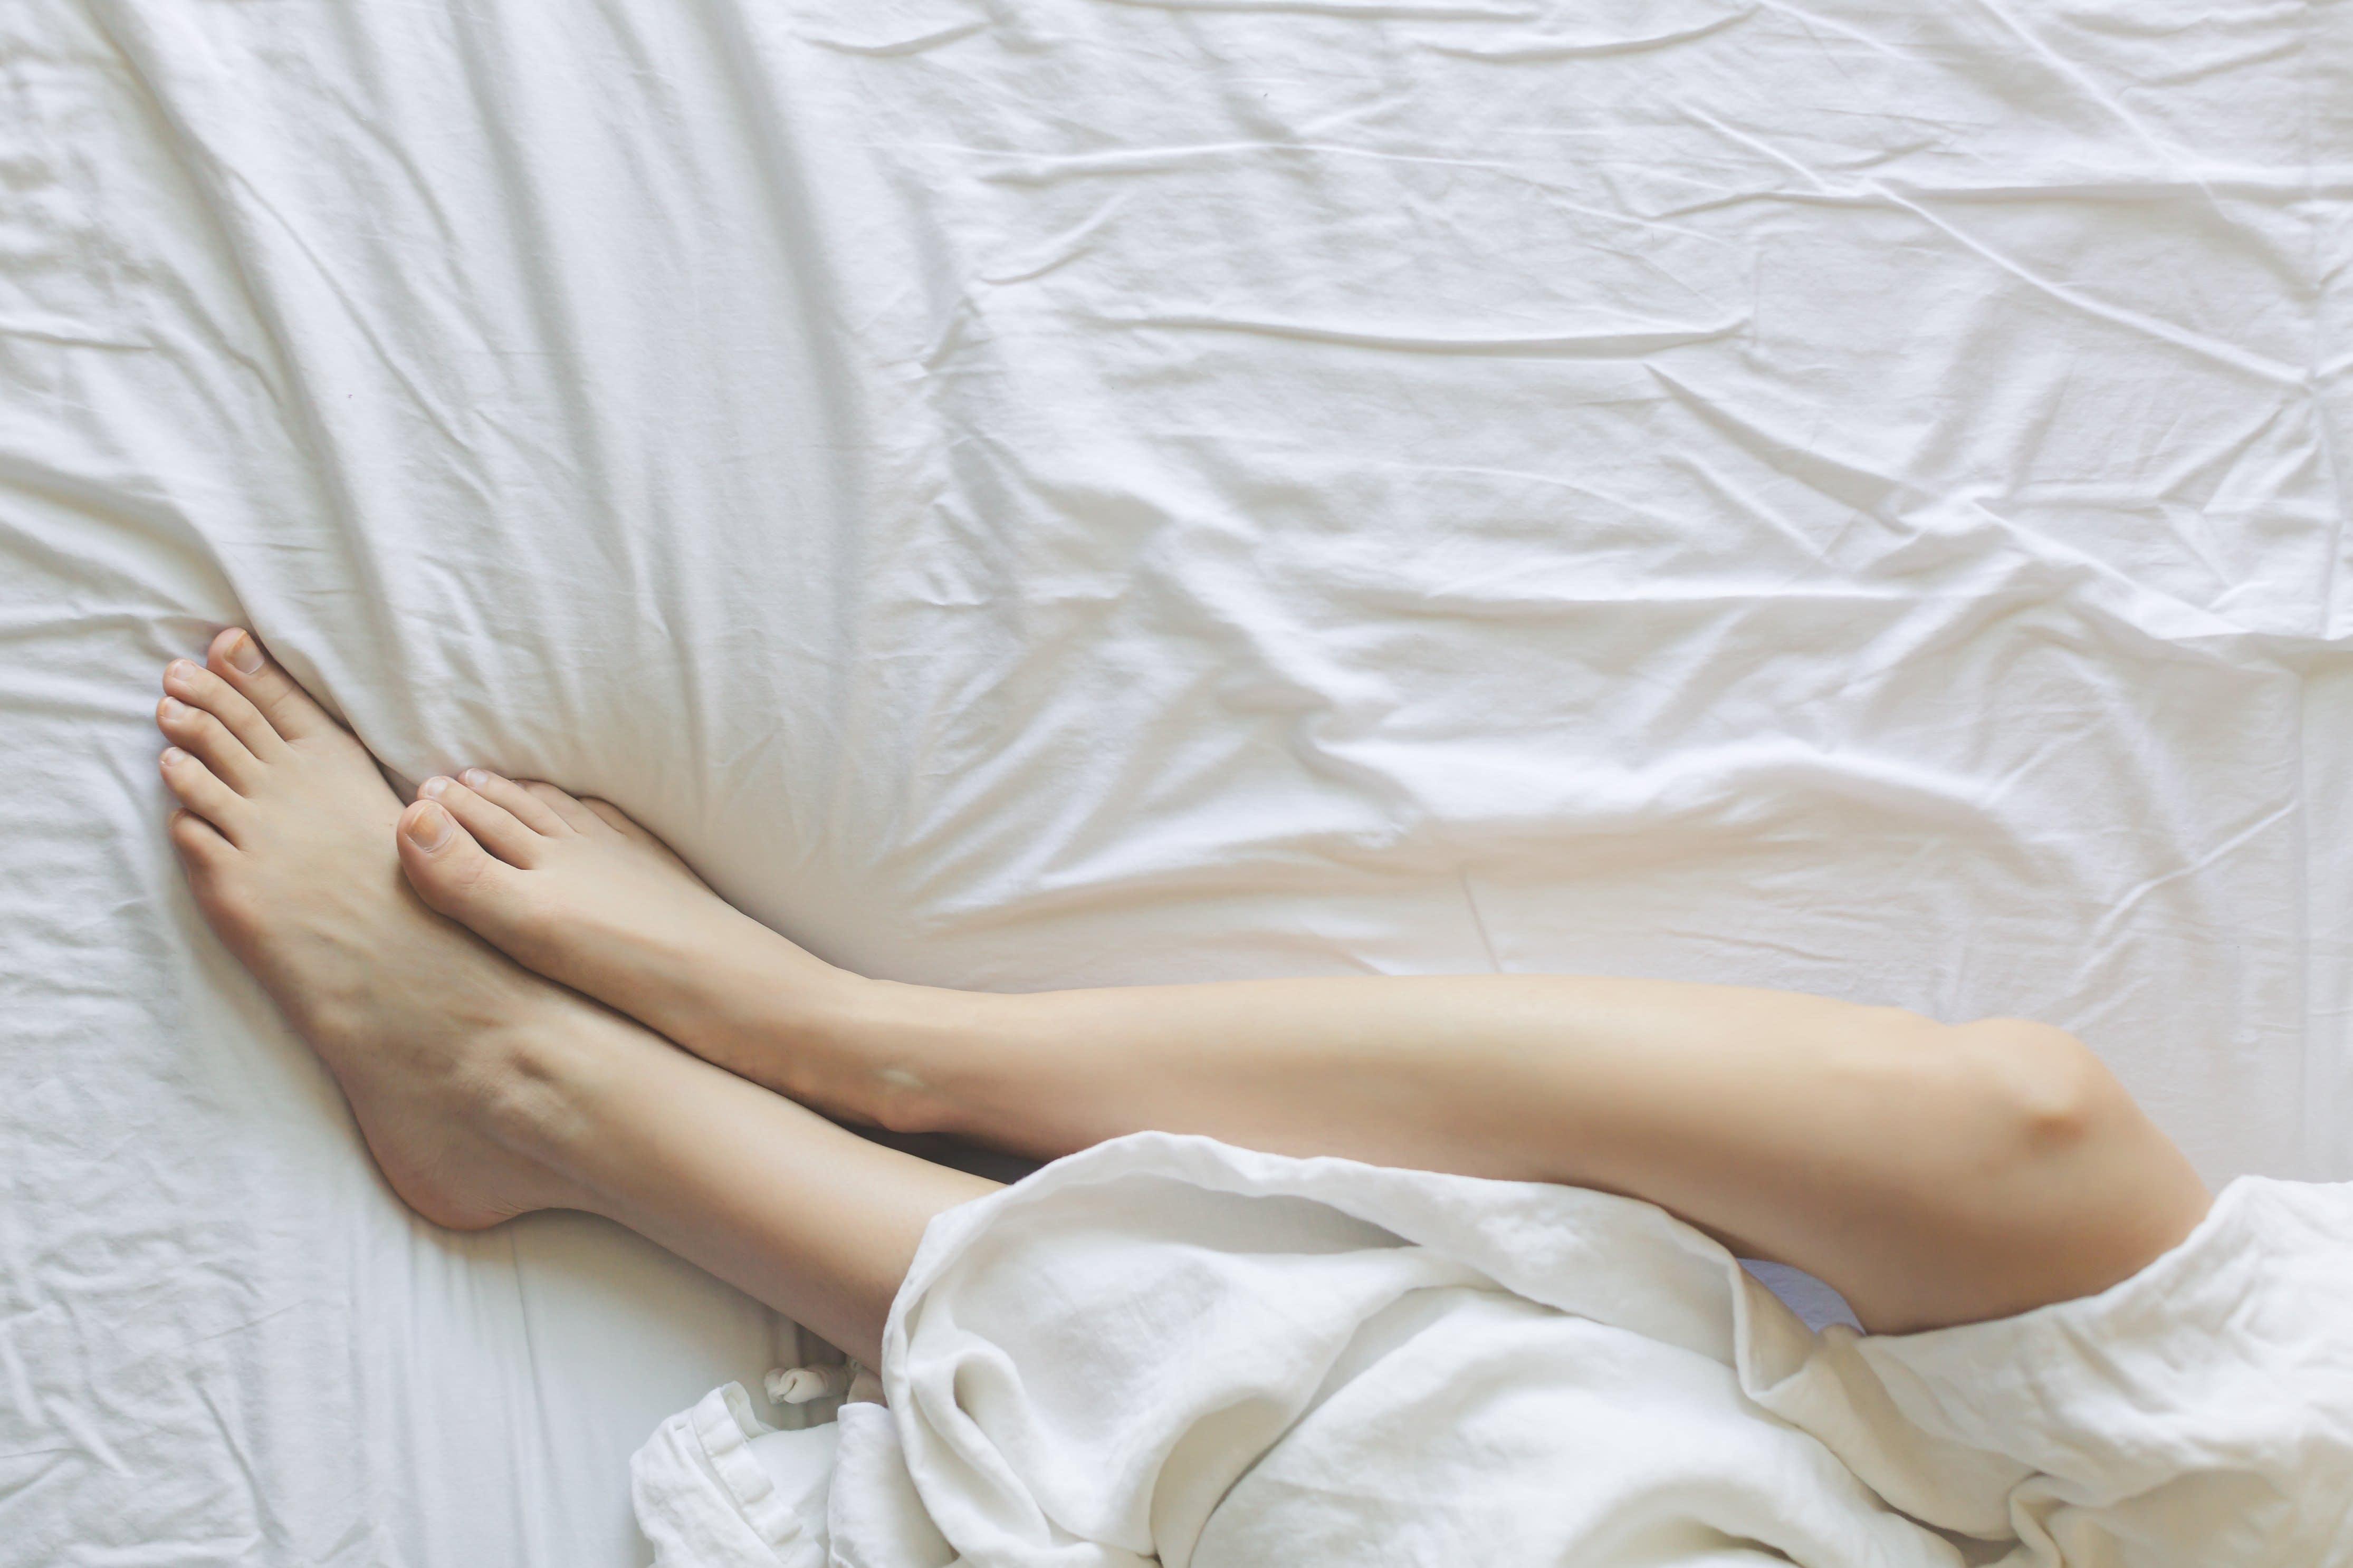 足 に とき て 寝 が つる いる